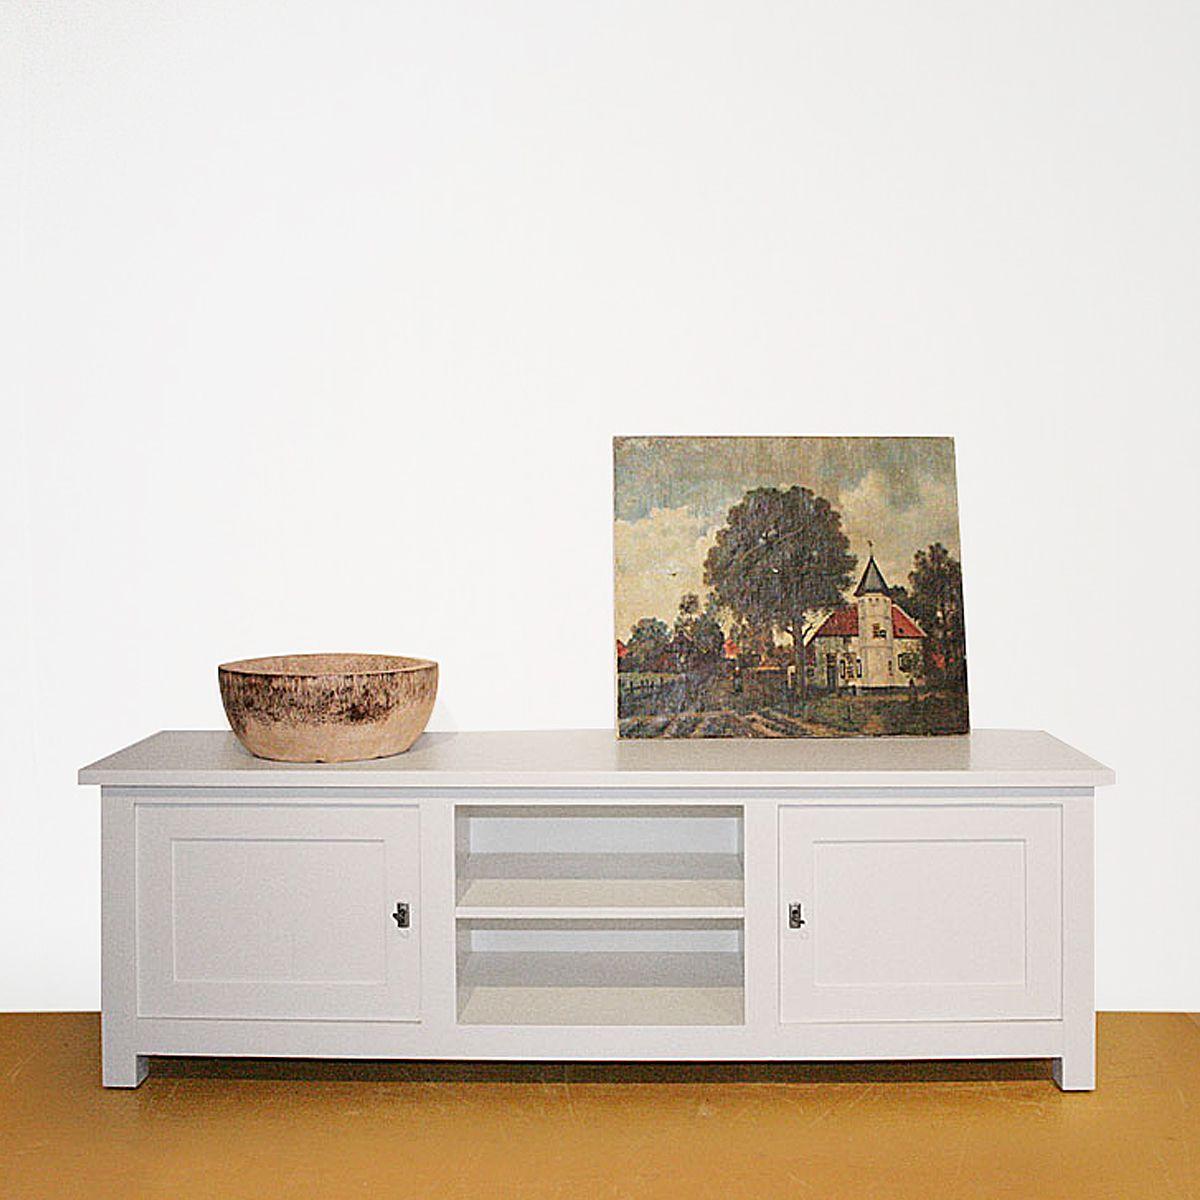 TV opzetkast op maat - hand geschilderd